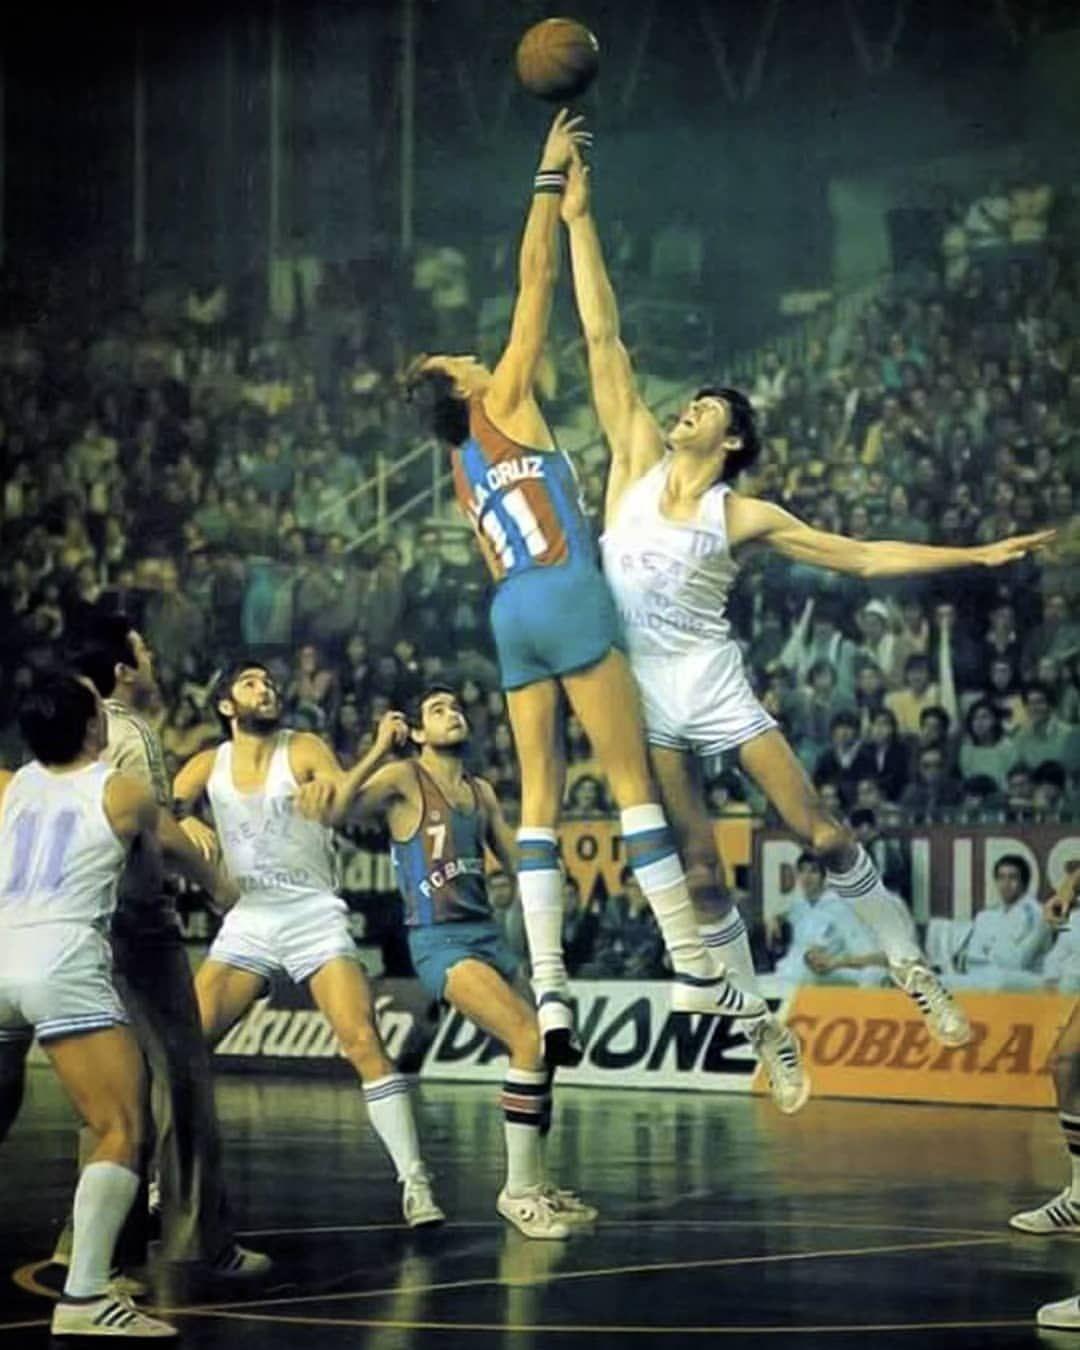 Real Madrid Vs Fcb 81 82 Feranado Martin J D De La Cruz Baloncesto Liga Acb Deportes